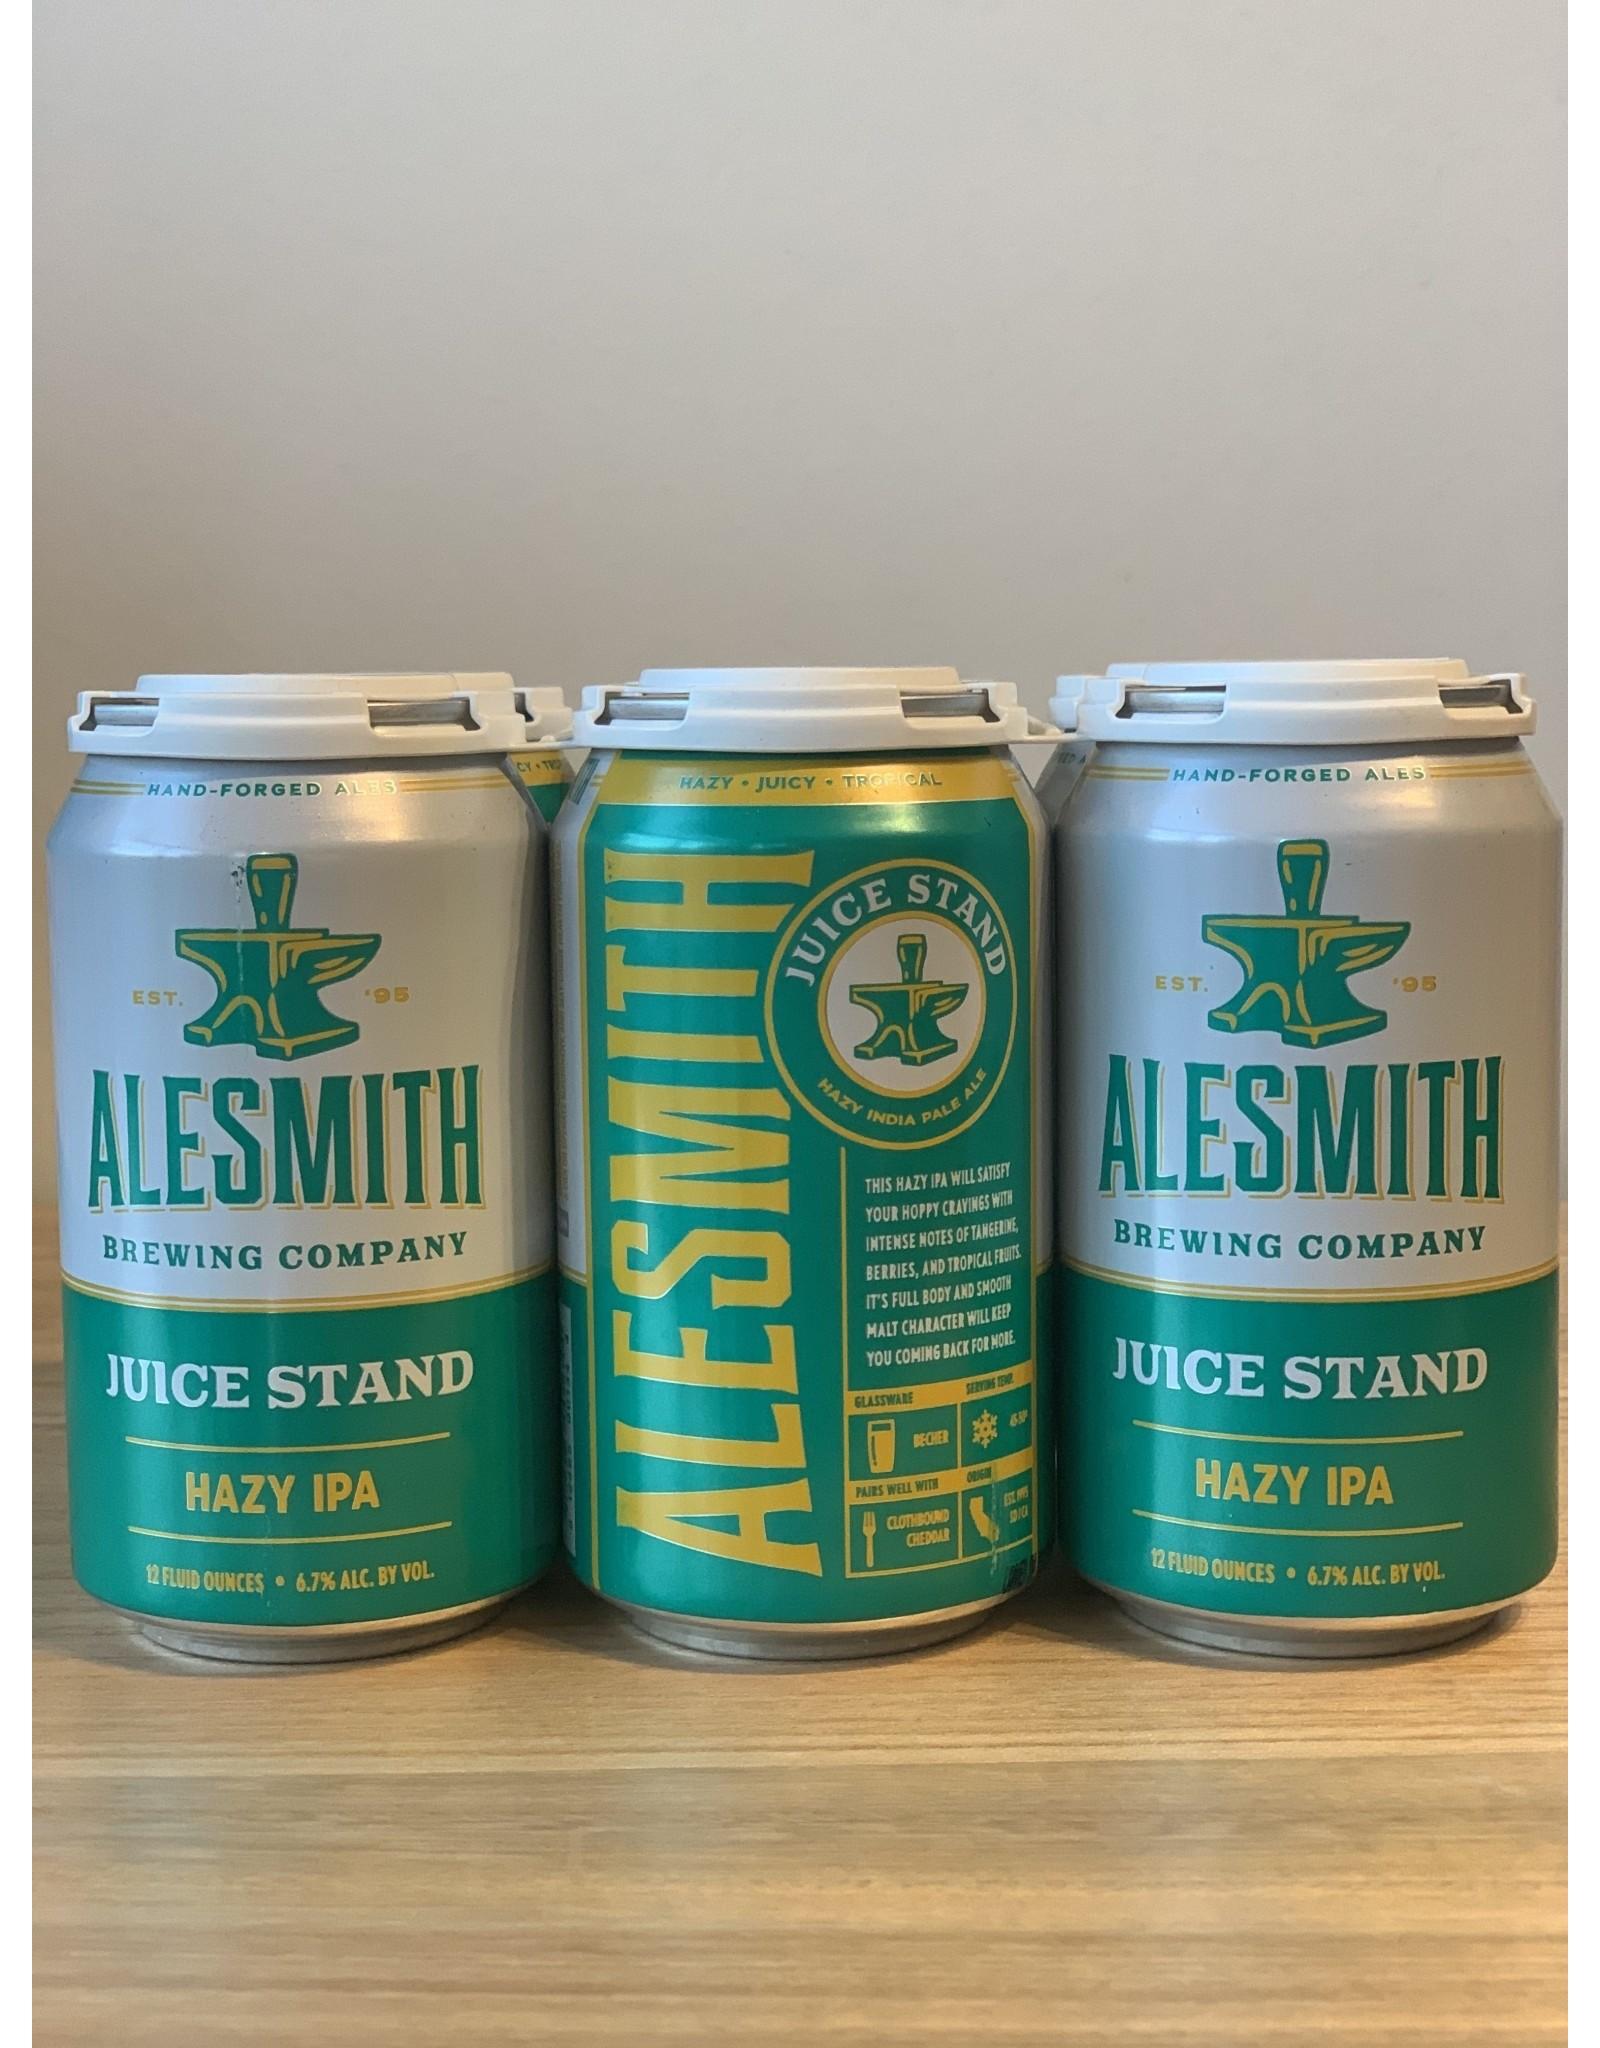 Alesmith Alesmith Juice Stand Hazy IPA